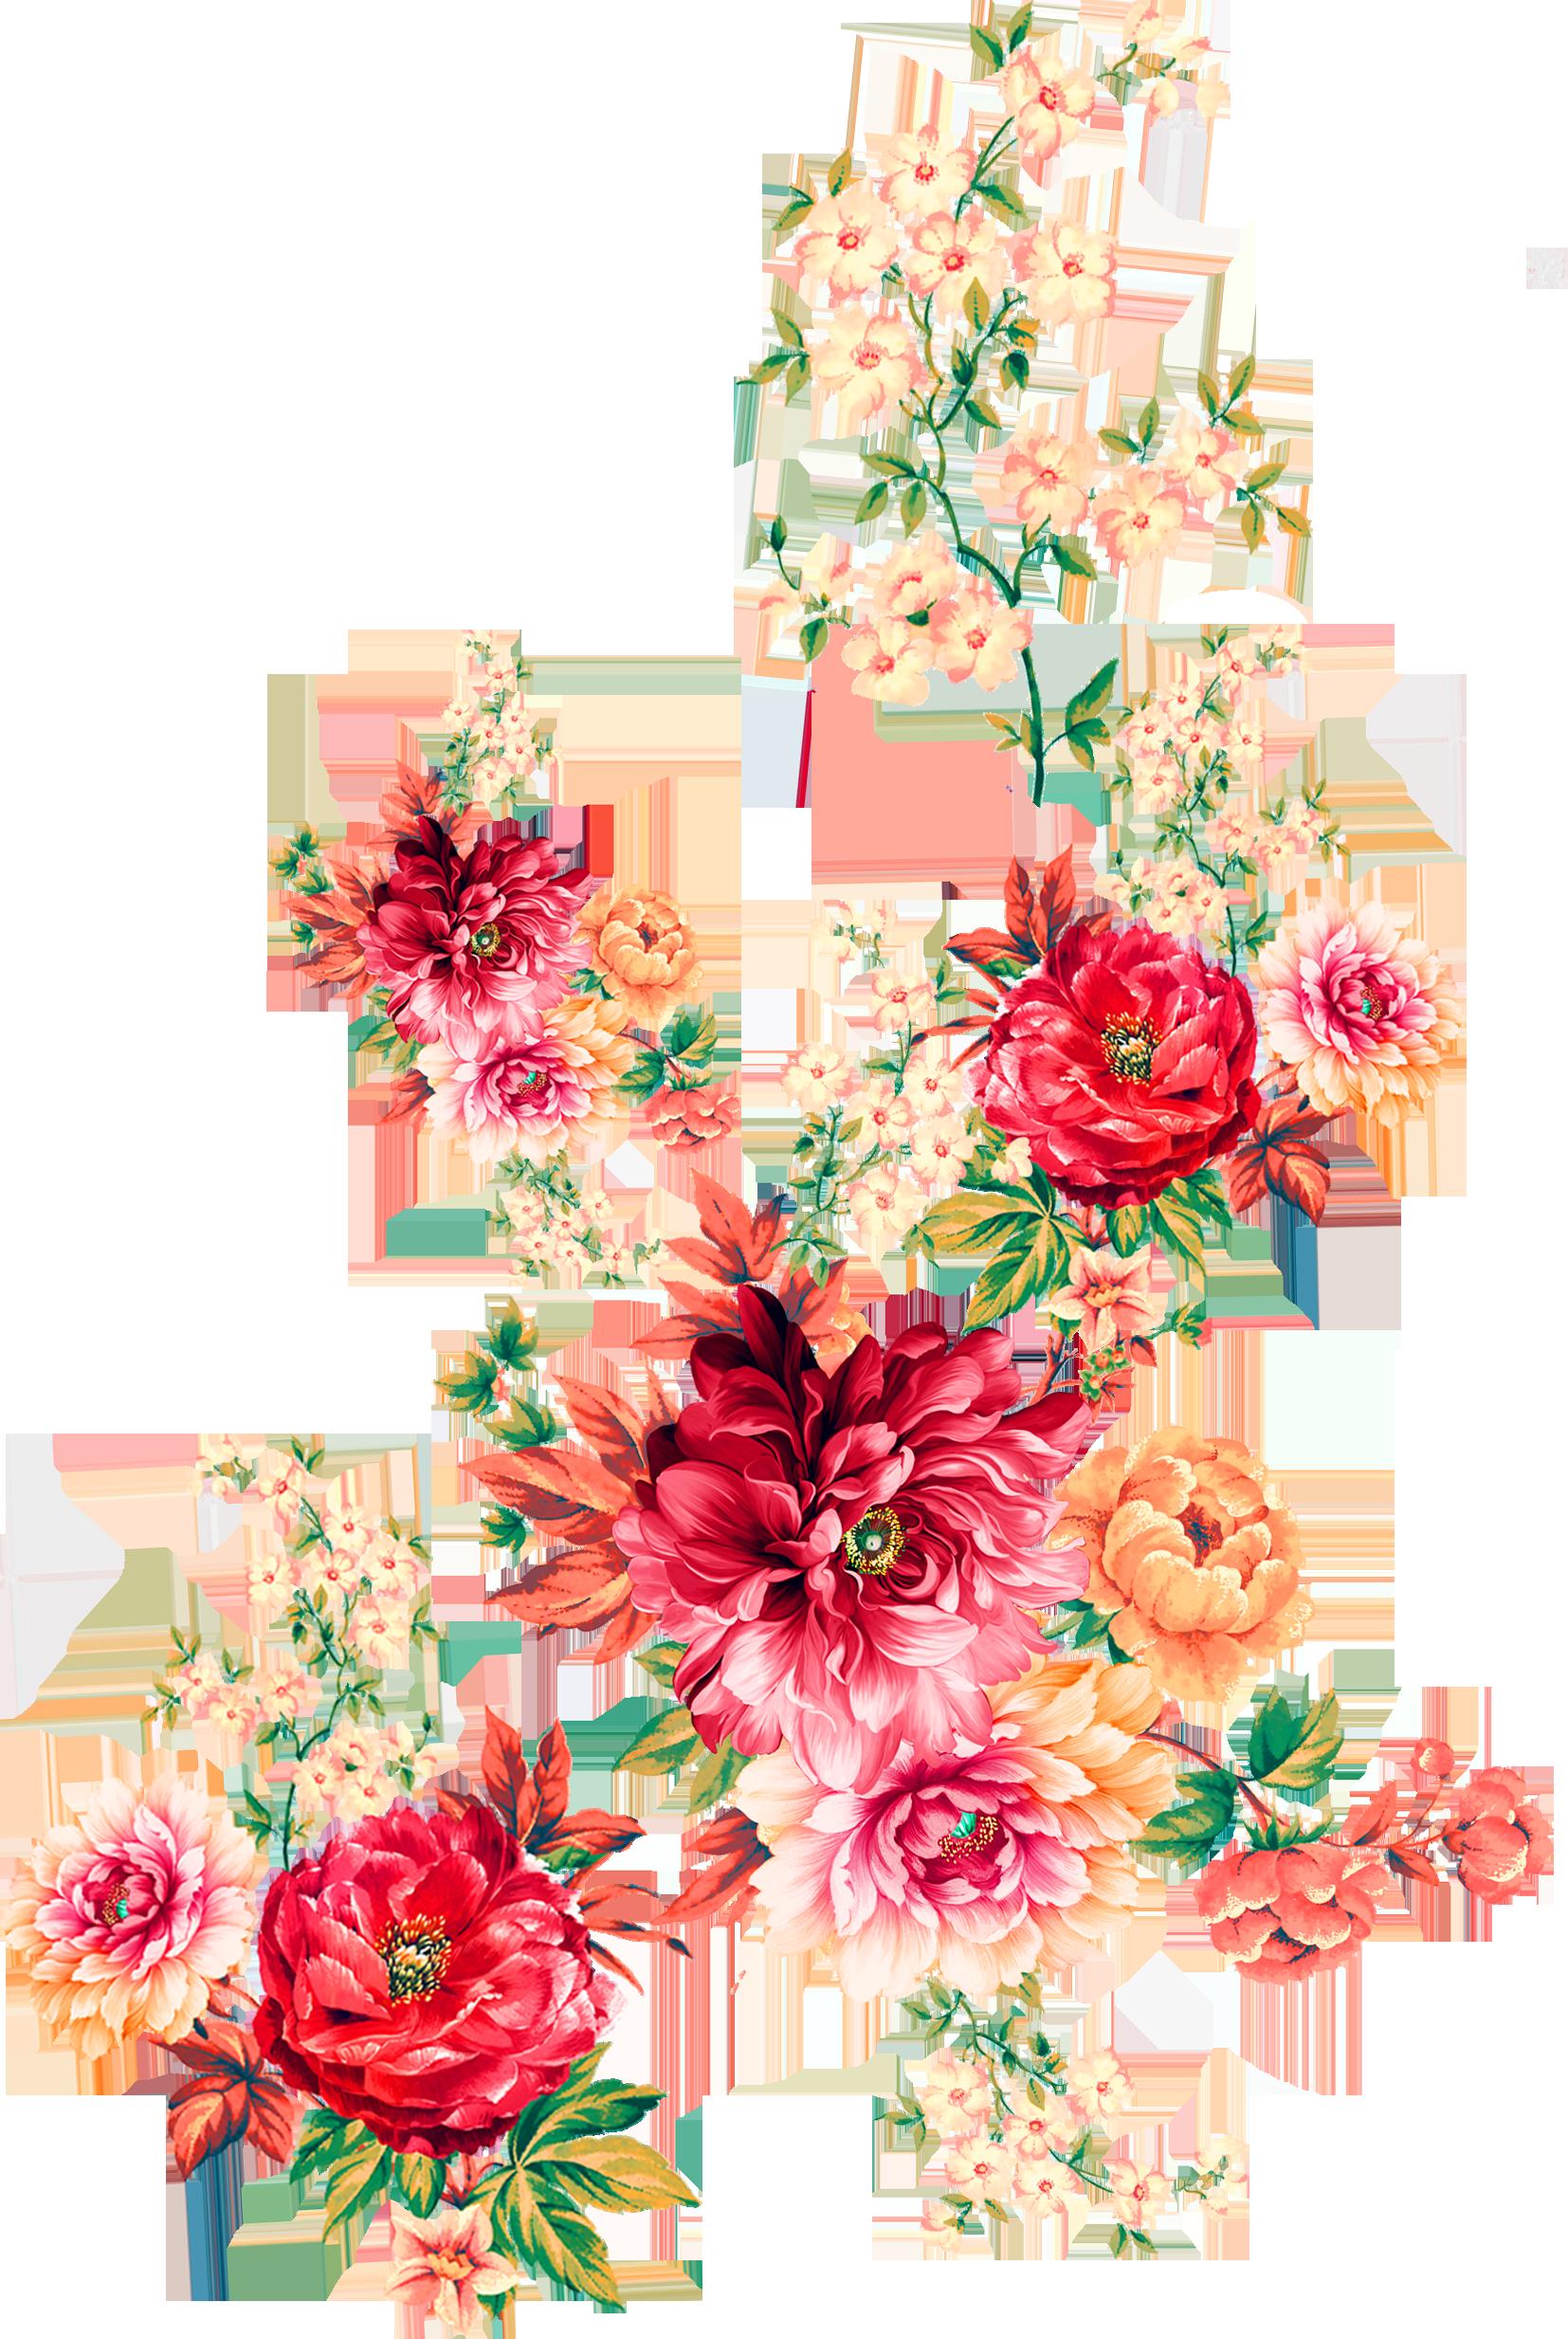 Digital Flower 000000218 In 2021 Digital Flowers Flower Drawing Flower Png Images